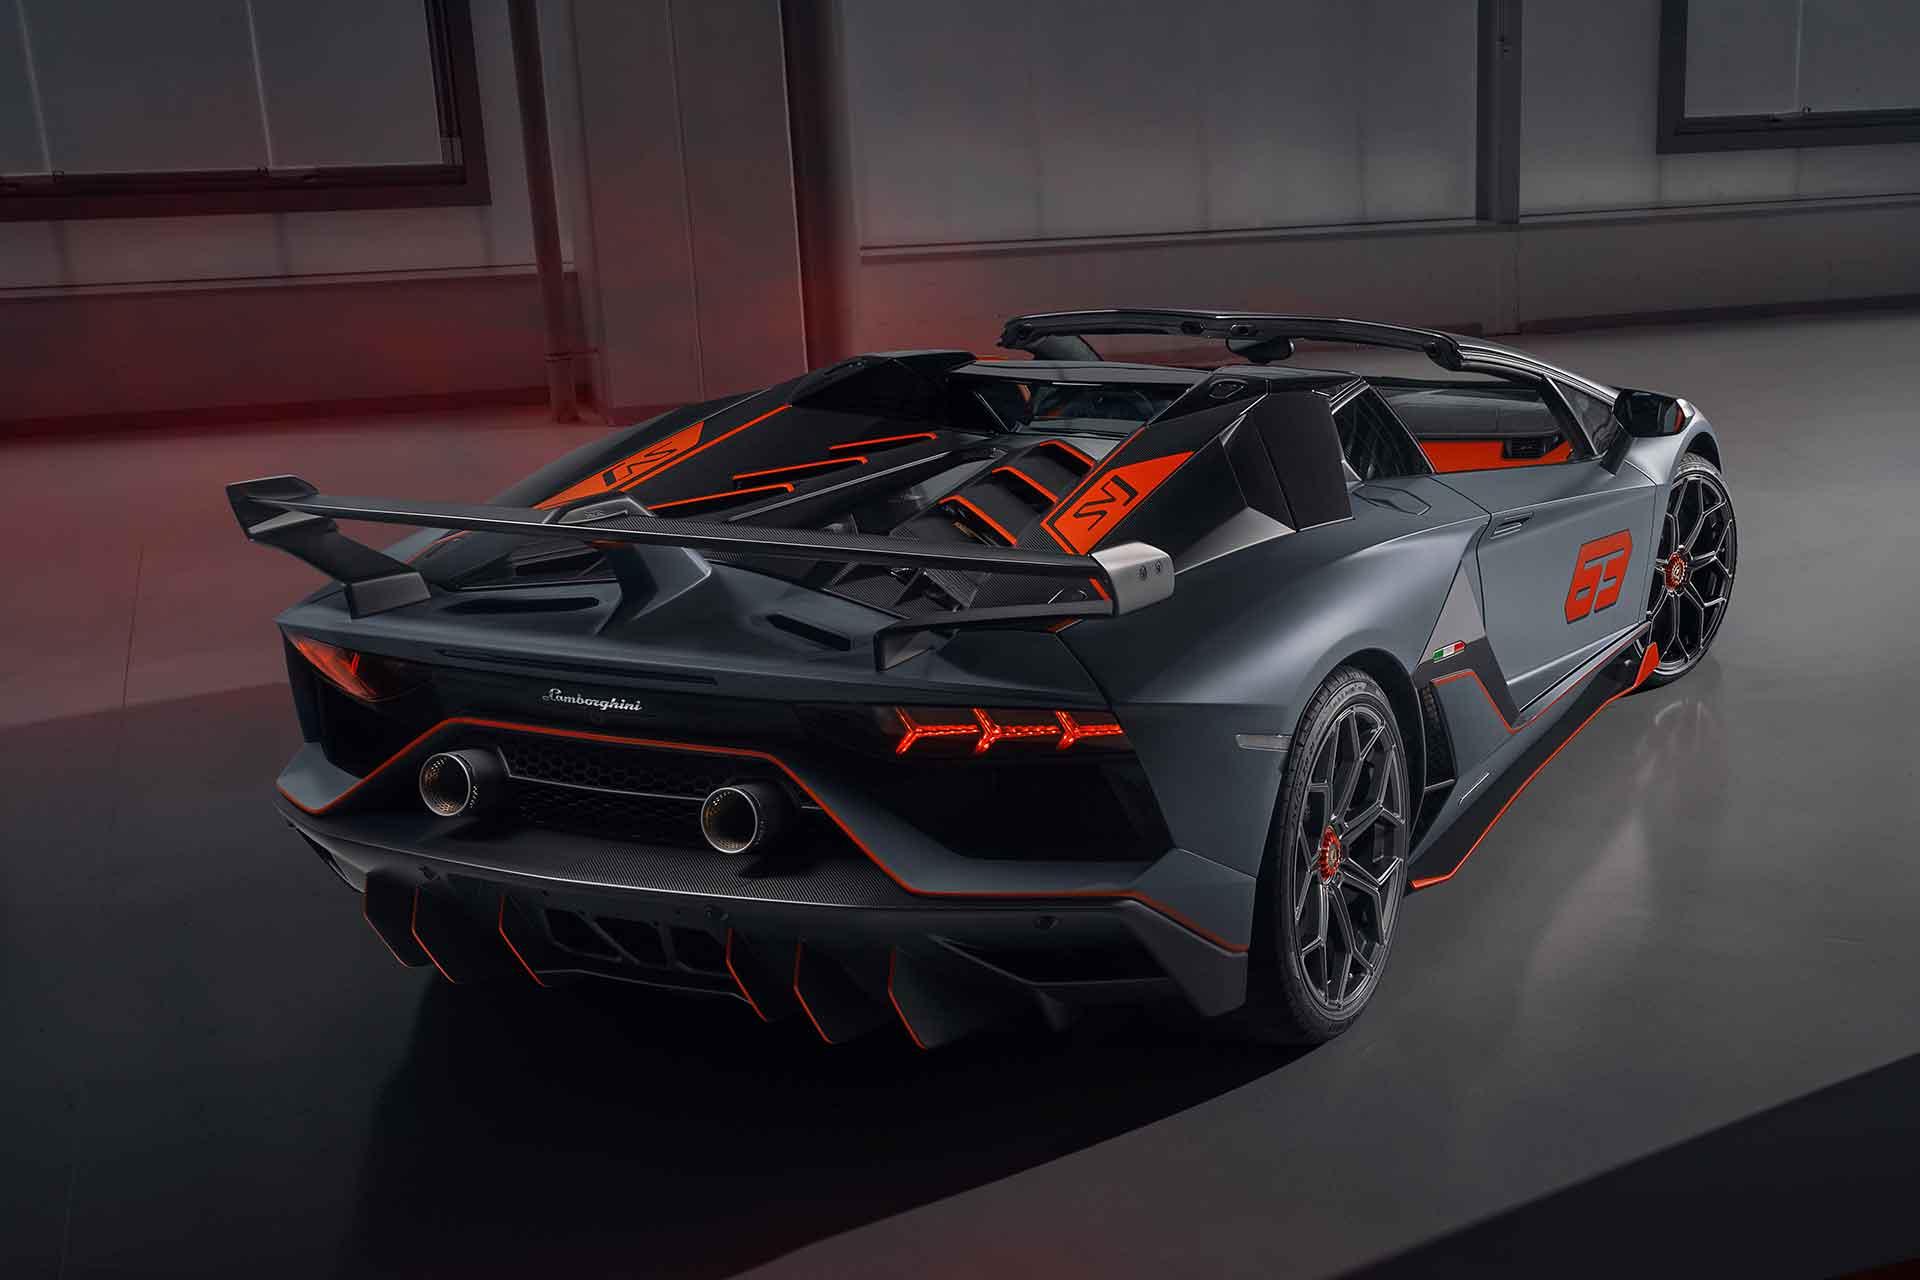 Sondermodell für Sammler: Der Lamborghini Aventador SVJ 63 Roadster 4